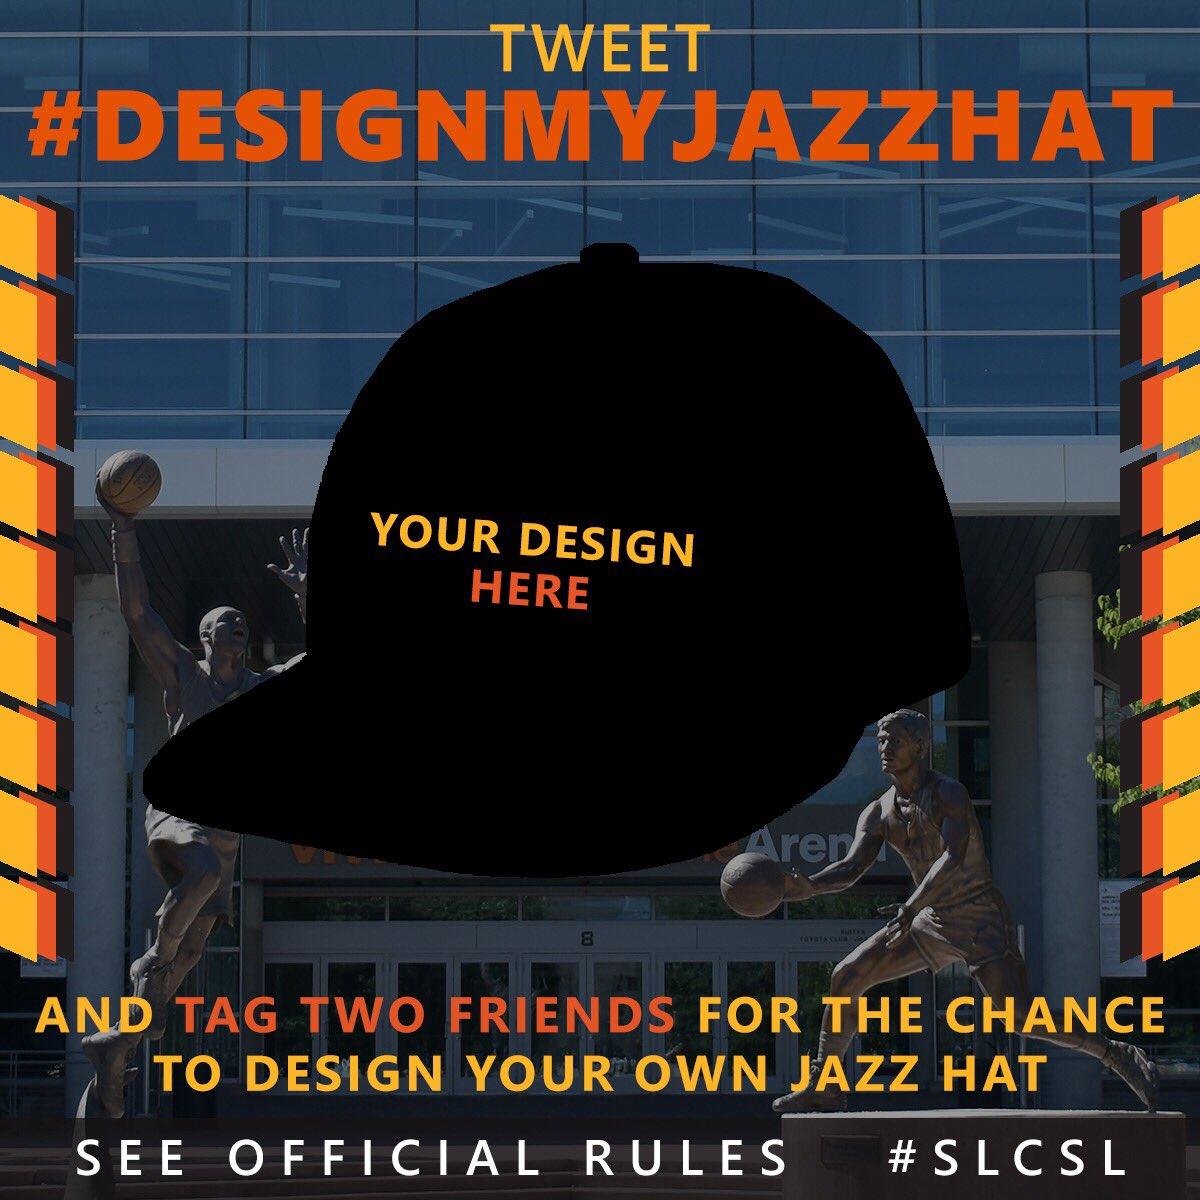 3a0daaa6 Tag 2 Friendspic.twitter.com/s7JpsivRjQ · Utah Jazz ...